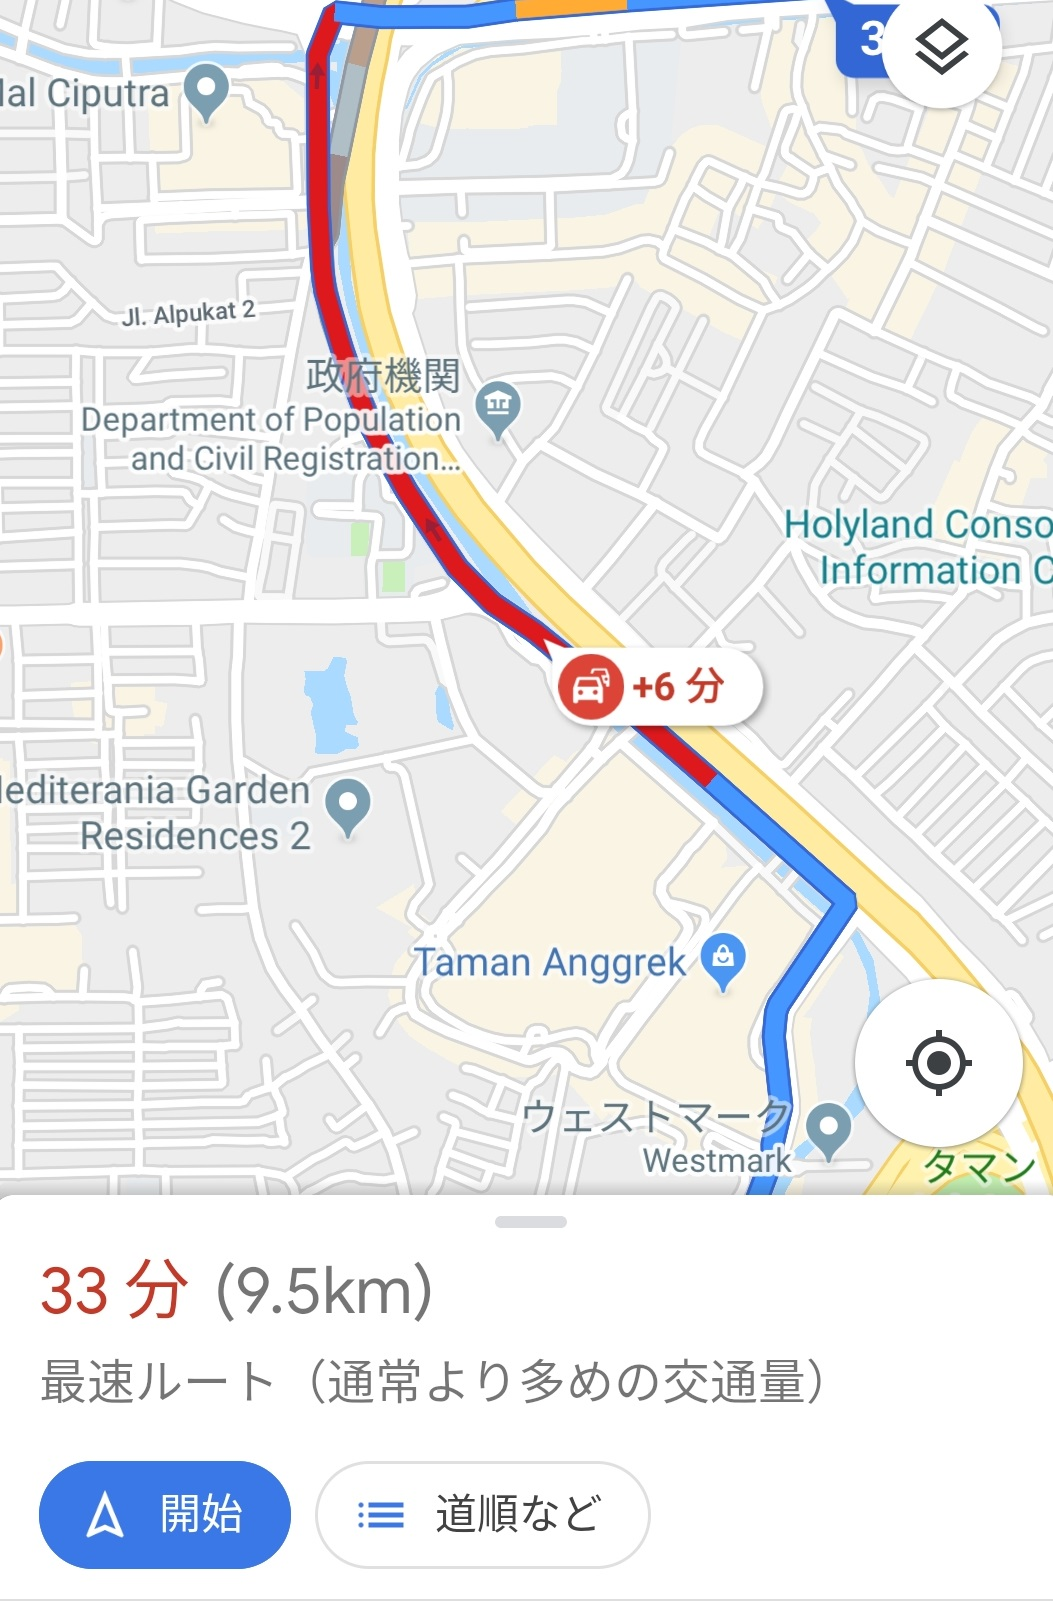 プルマンジャカルタの渋滞状況